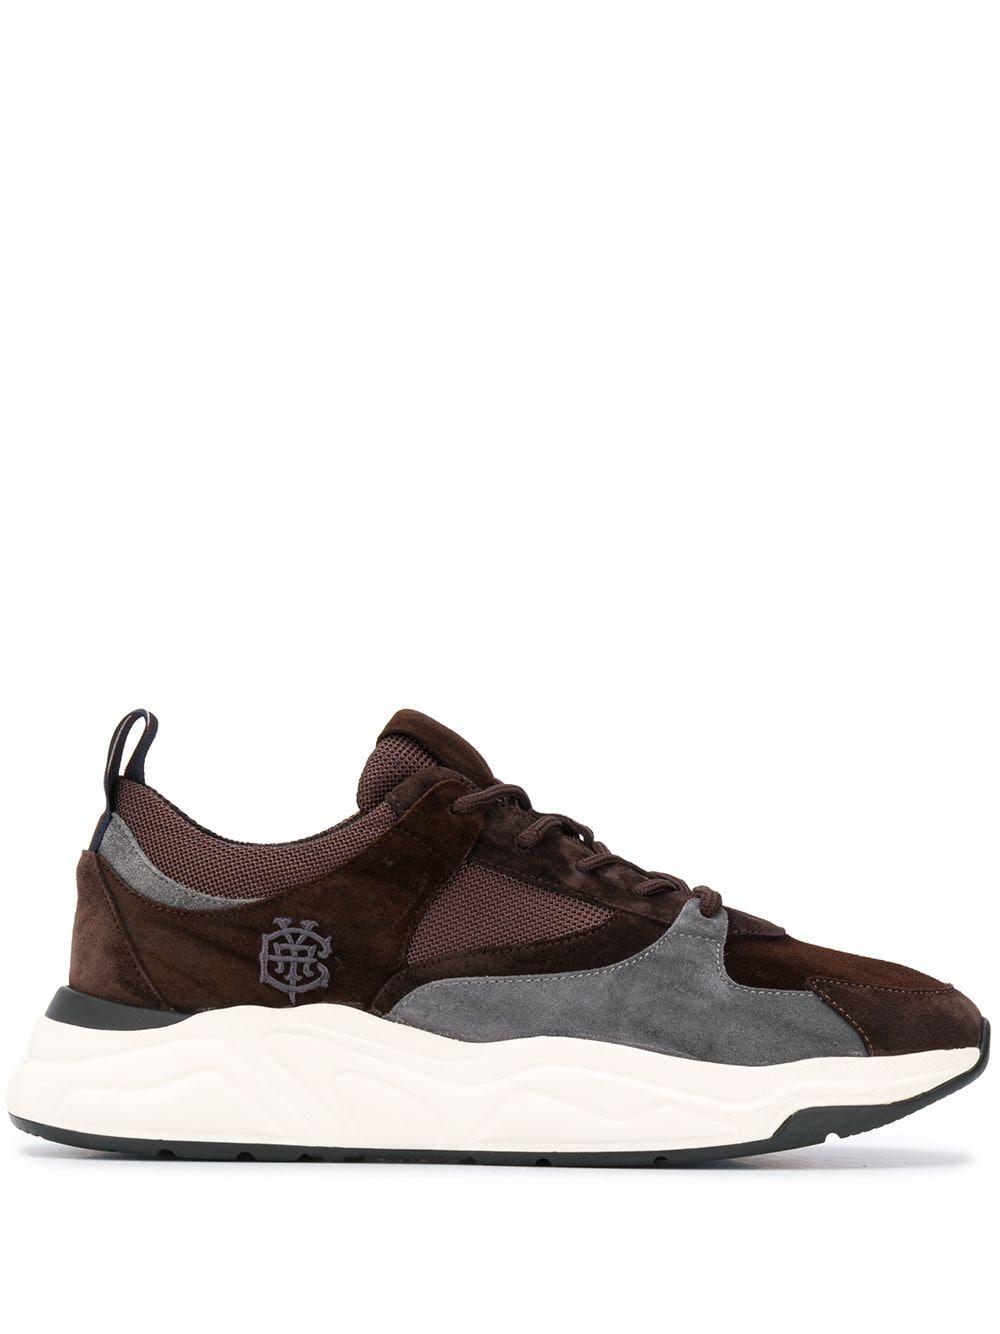 Sneaker basse in pelle marrone con punta tondae design a pannelli a blocchi di colore grigi ELEVENTY | Sneakers | B72SCNB10-SCA0B02605